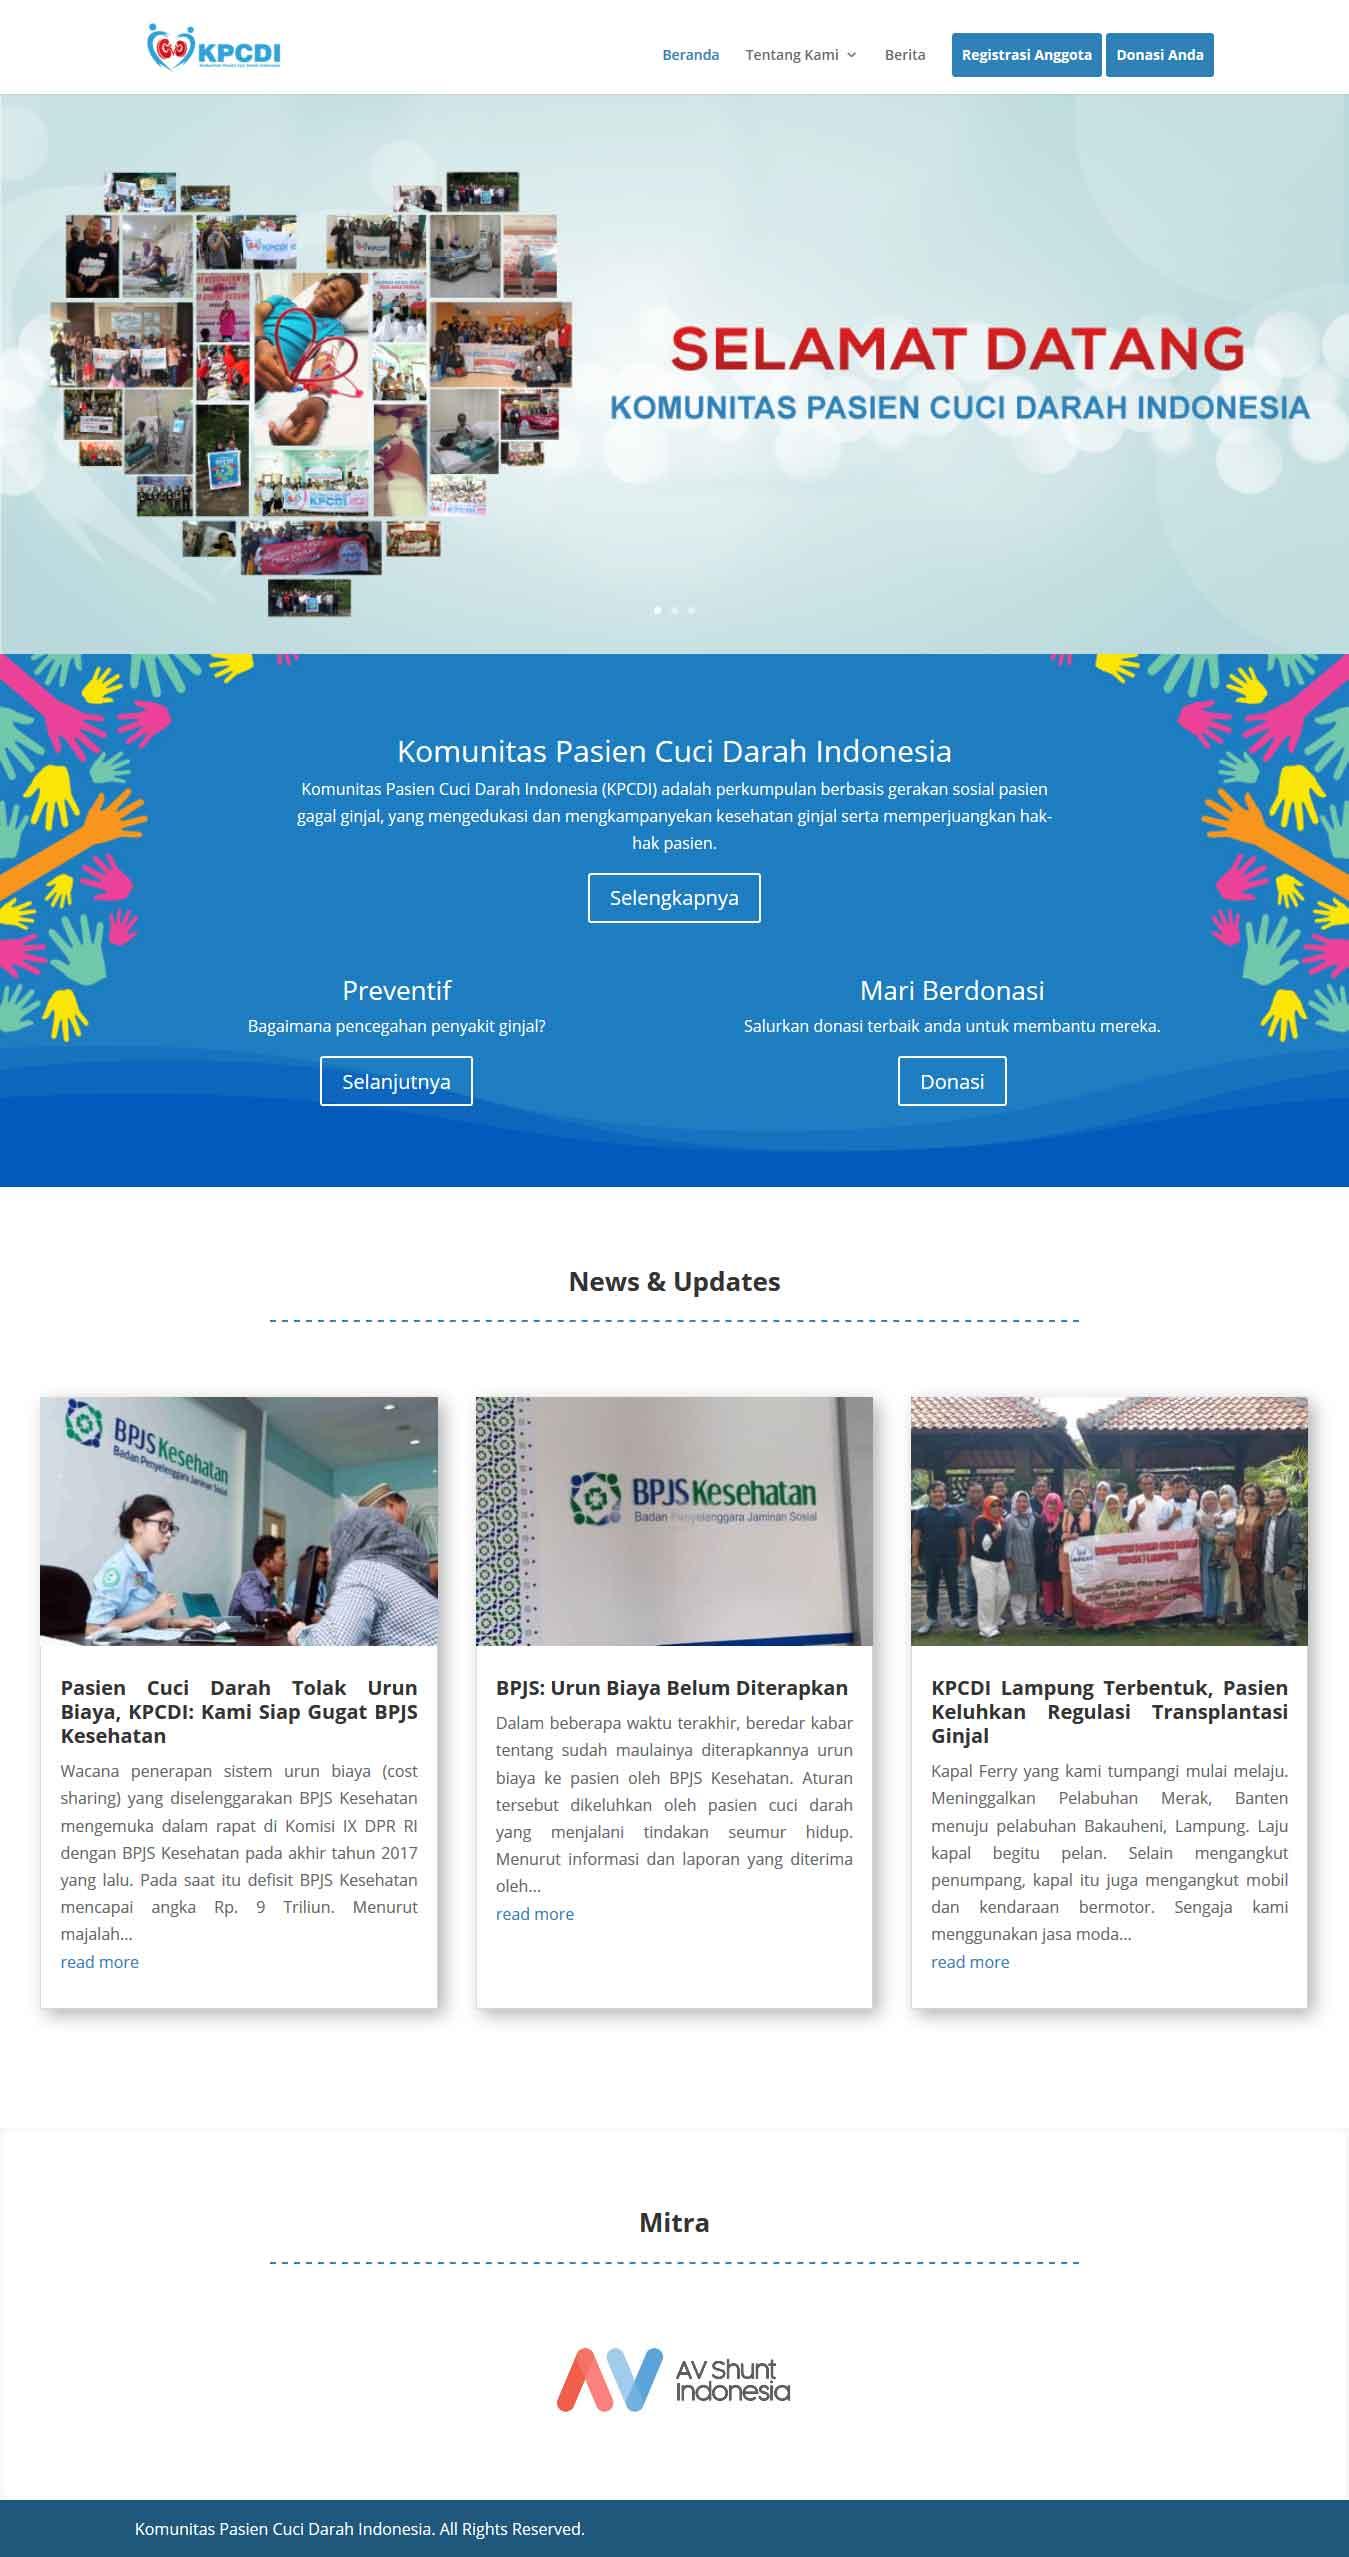 kpcdi.org-Komunitas-Pasien-Cuci-Darah-Indonesia-dsignid